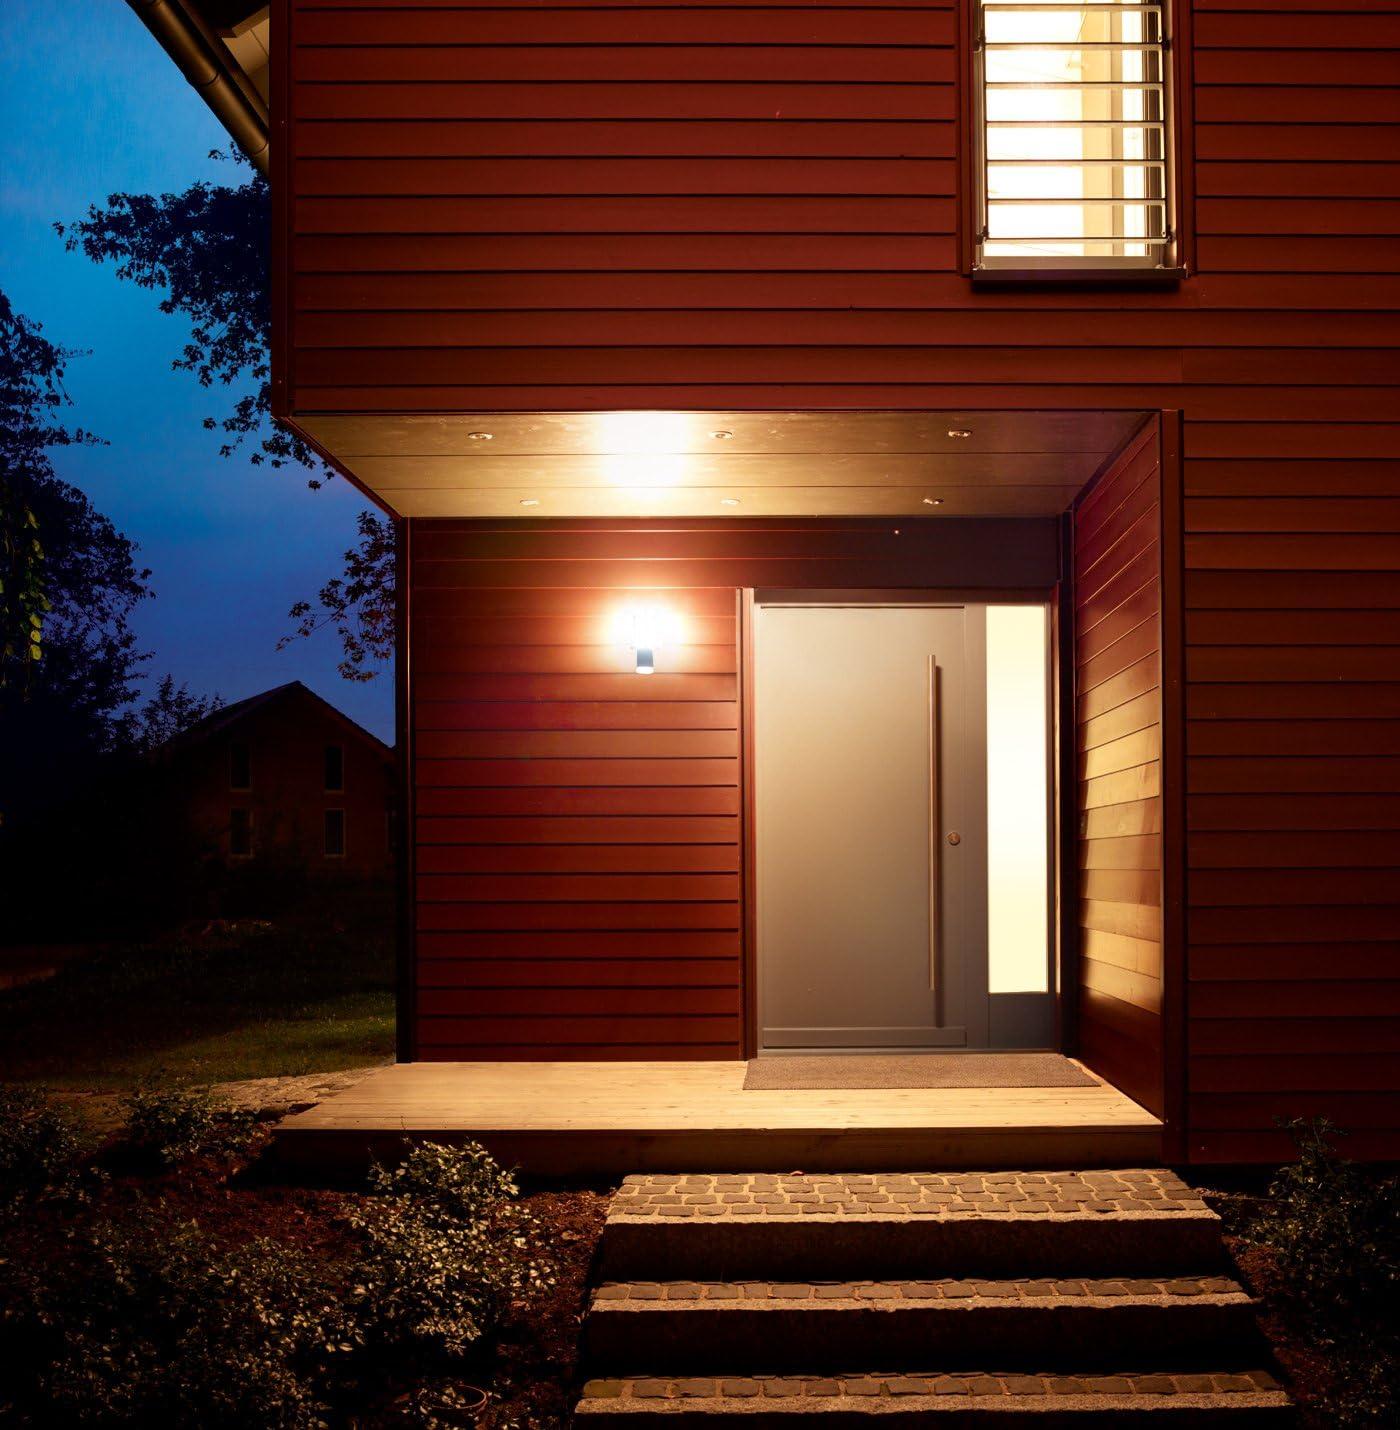 Design faretti muro facciata continua in acciaio inox Up Down illuminazione lampade da giardino Vetro